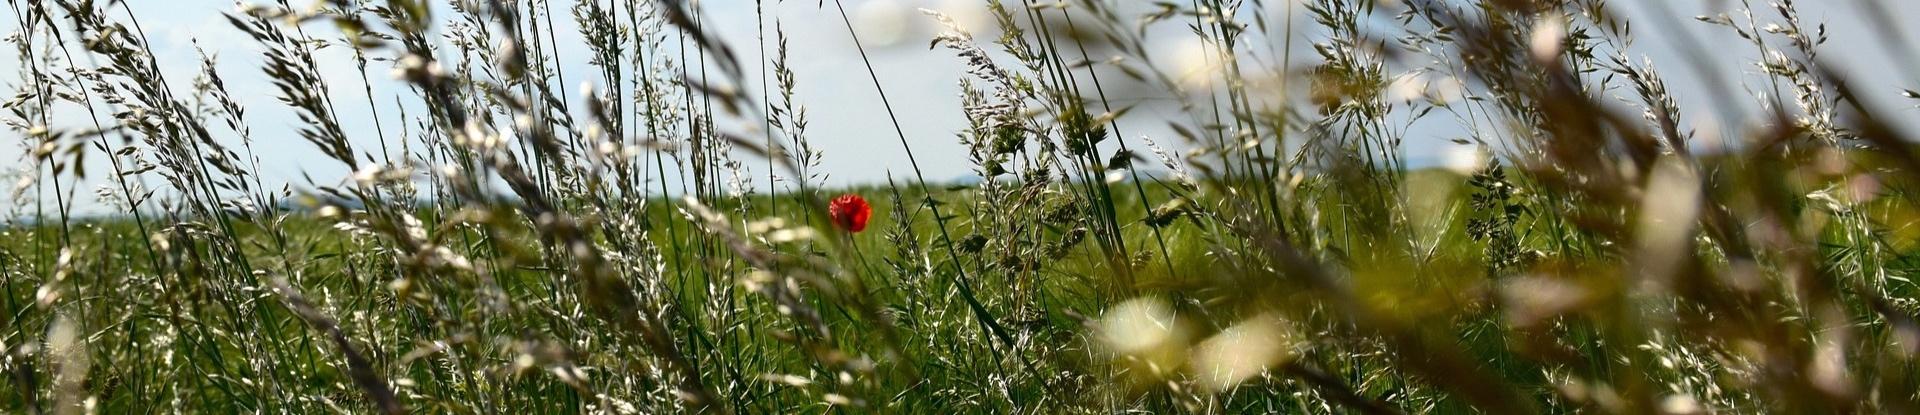 grass-seeds.jpg